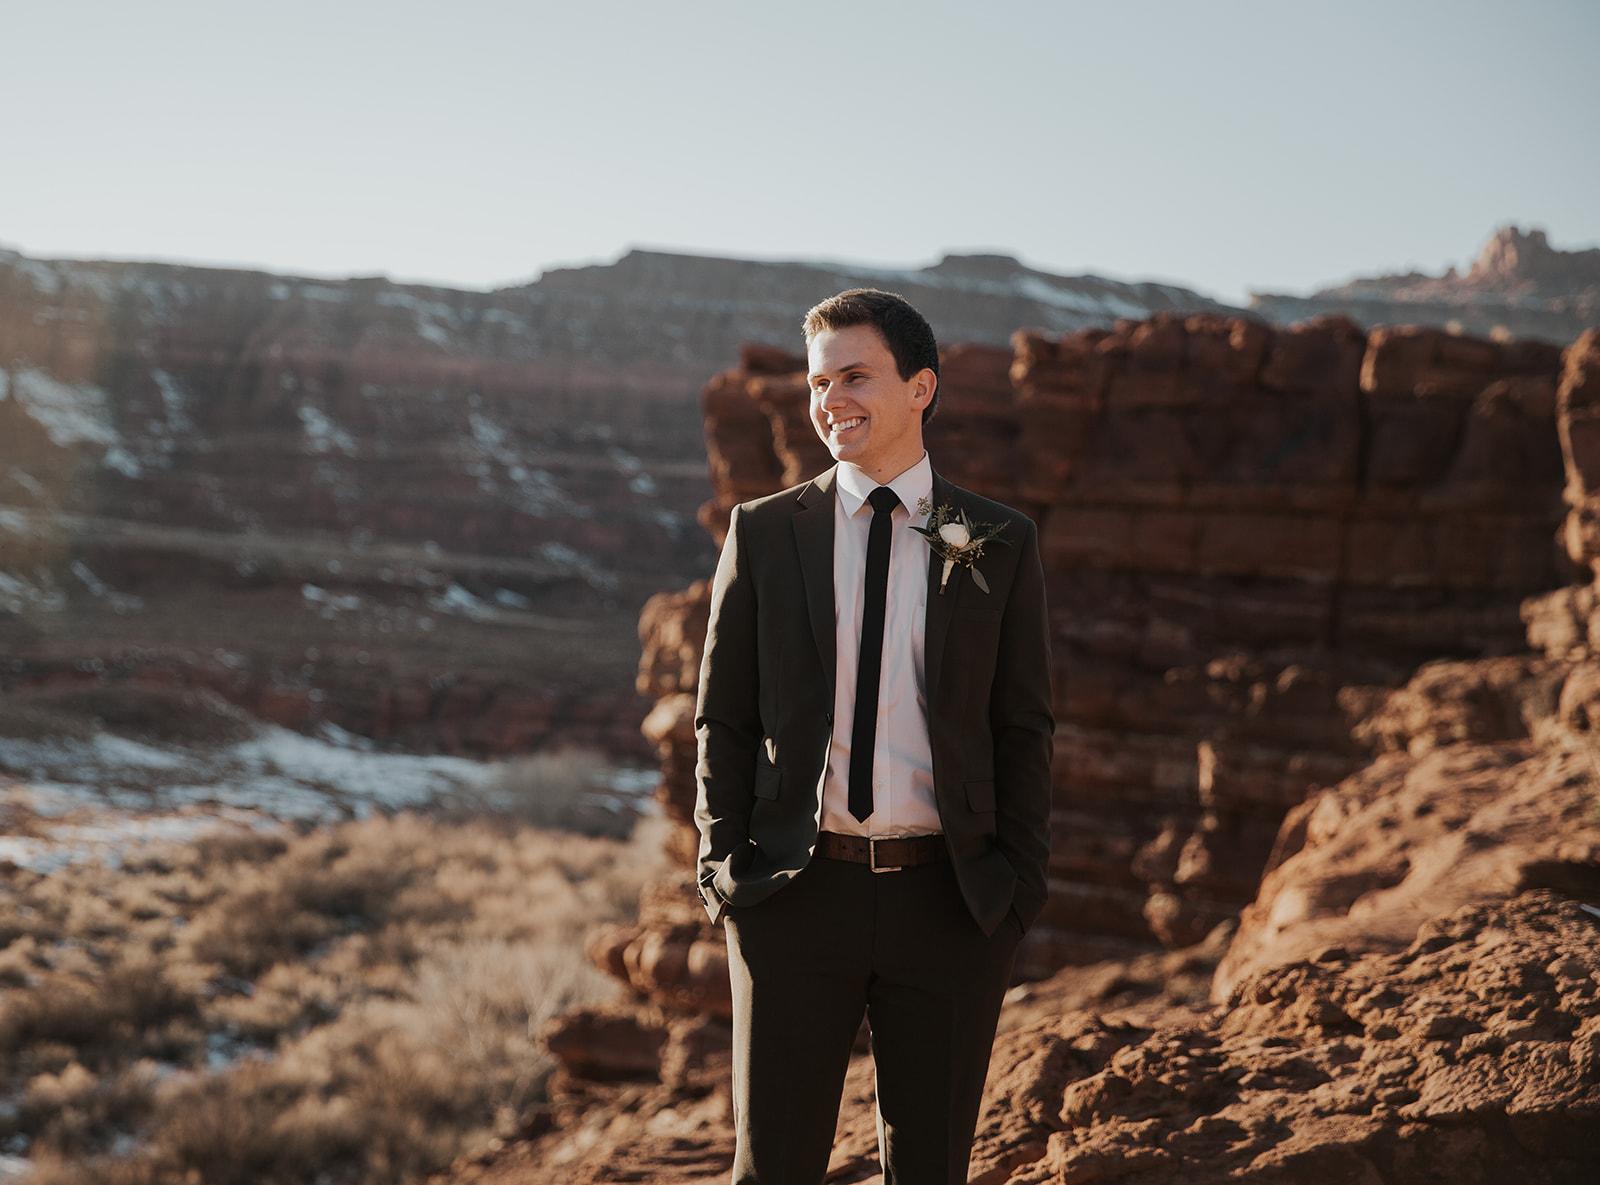 jamie+weston bridals-87.jpg